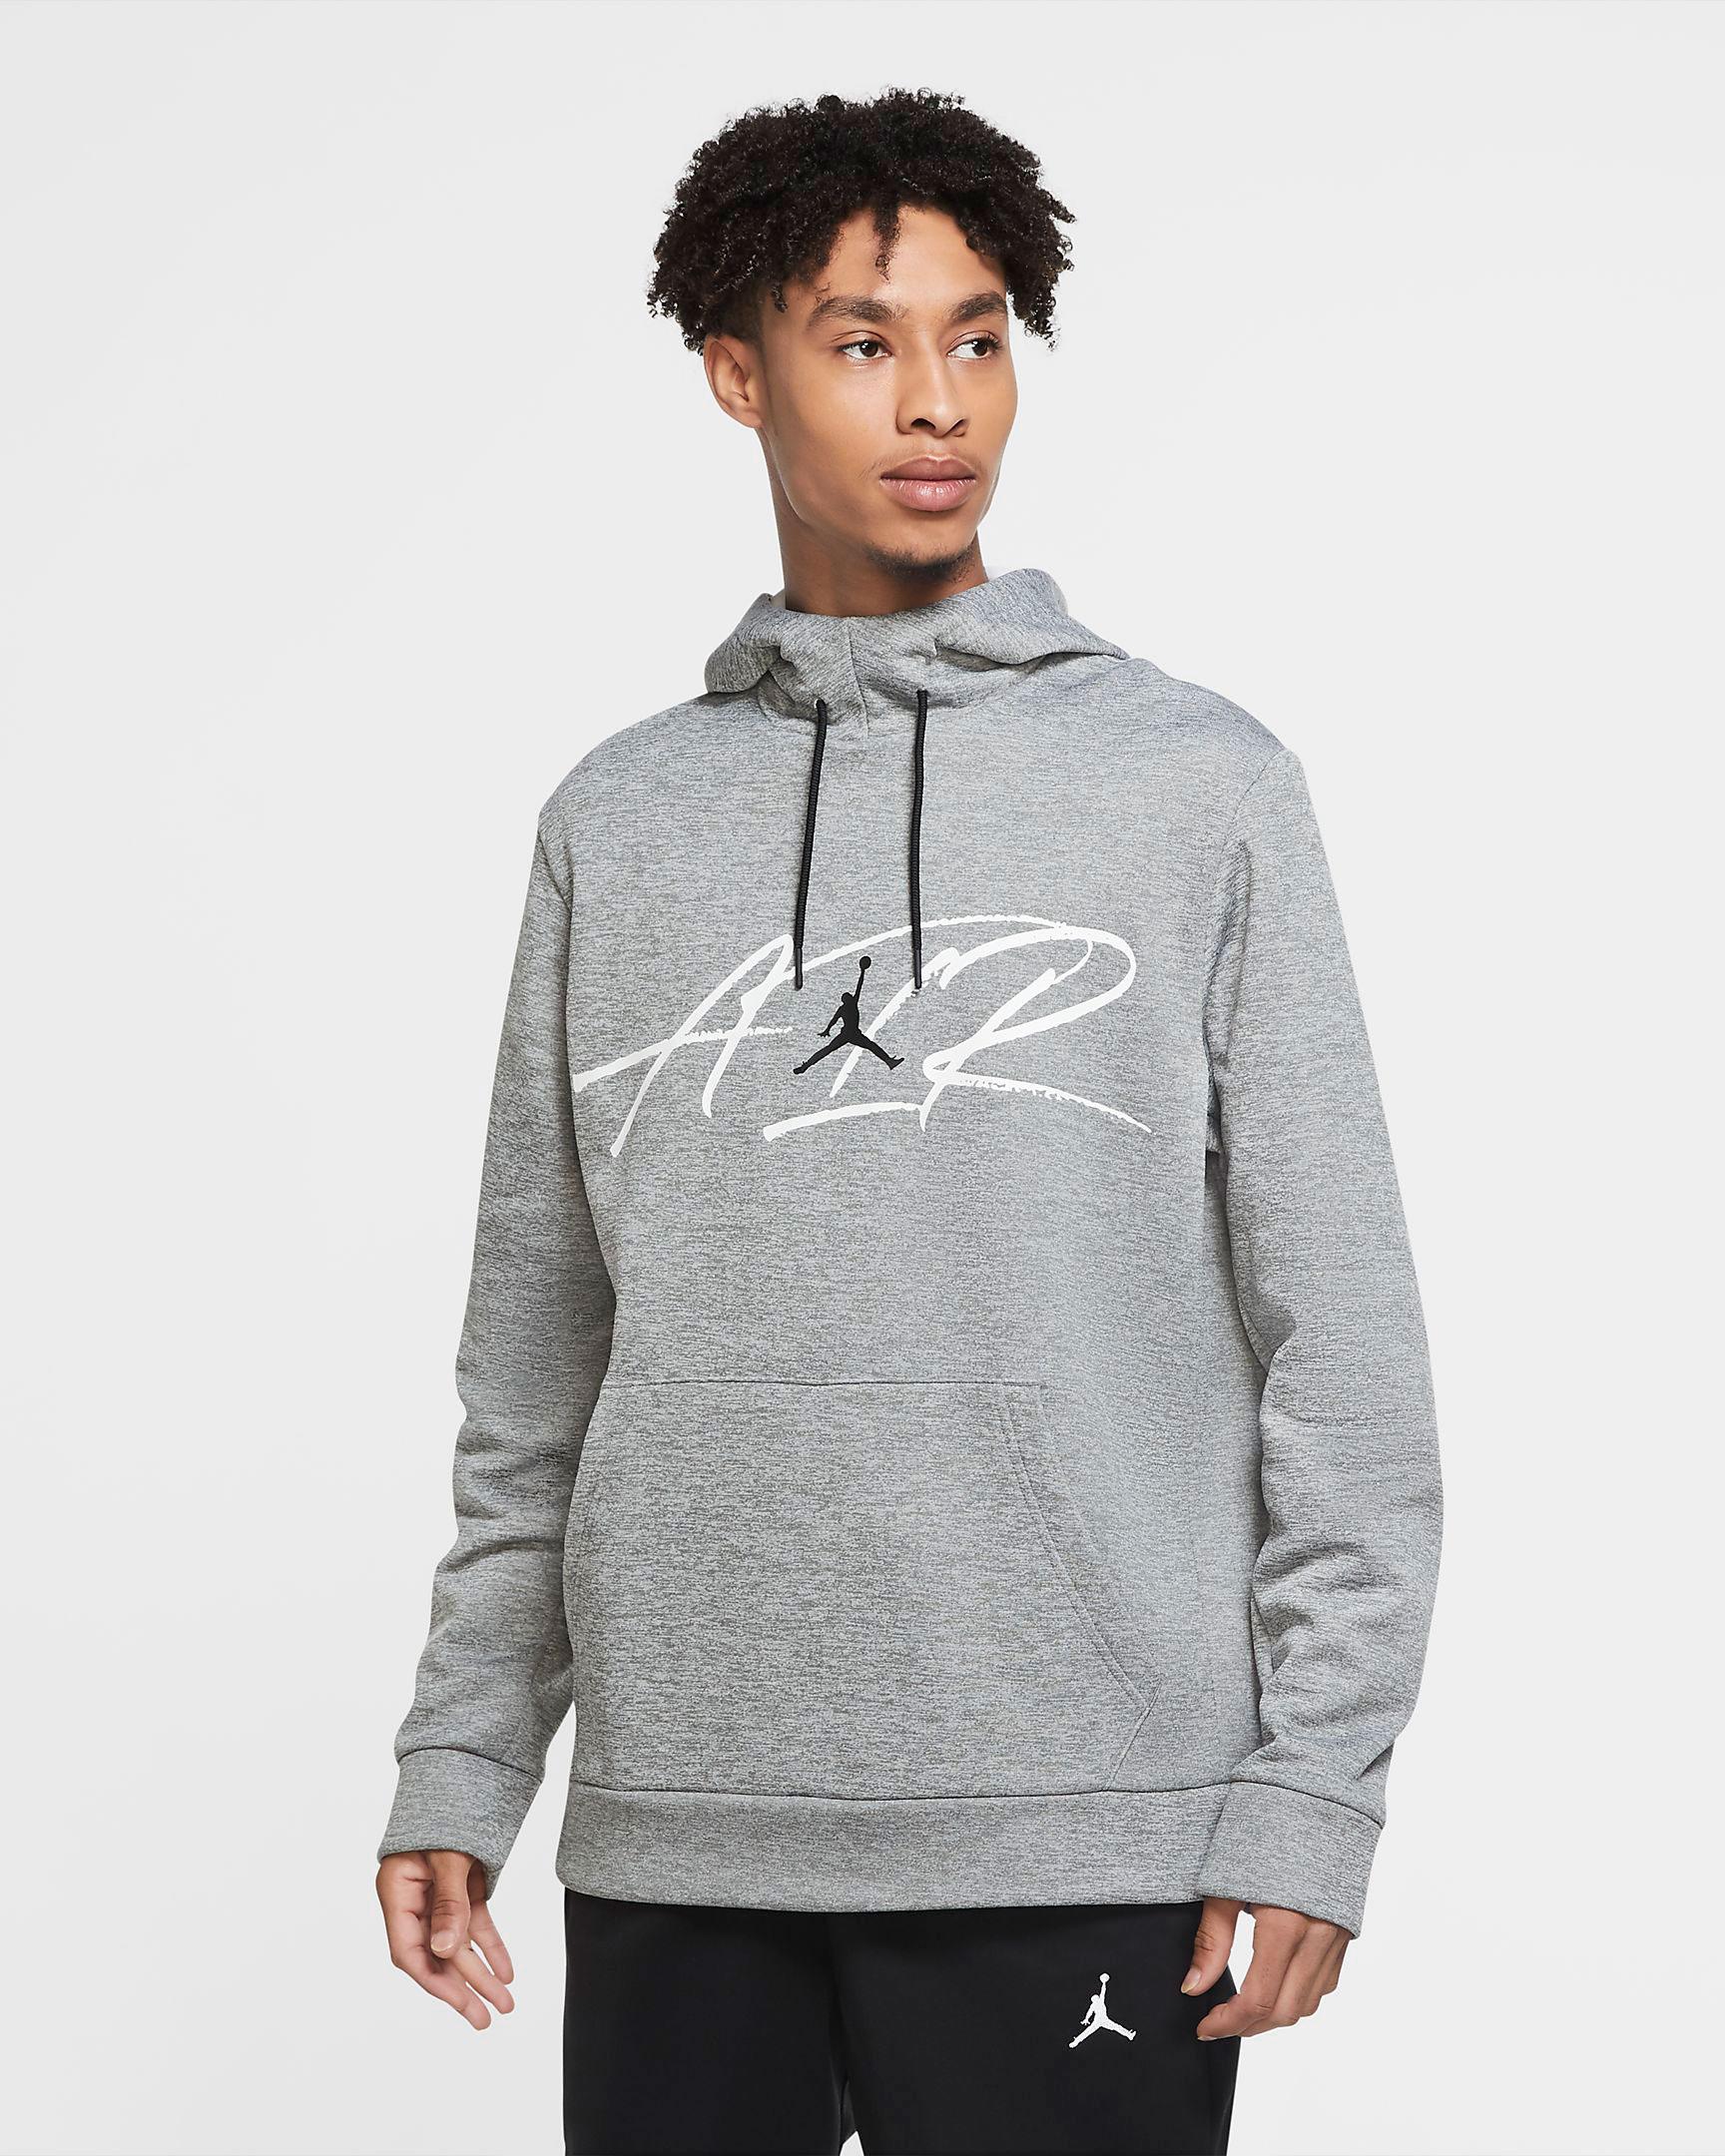 jordan-1-high-tokyo-japan-silver-hoodie-3